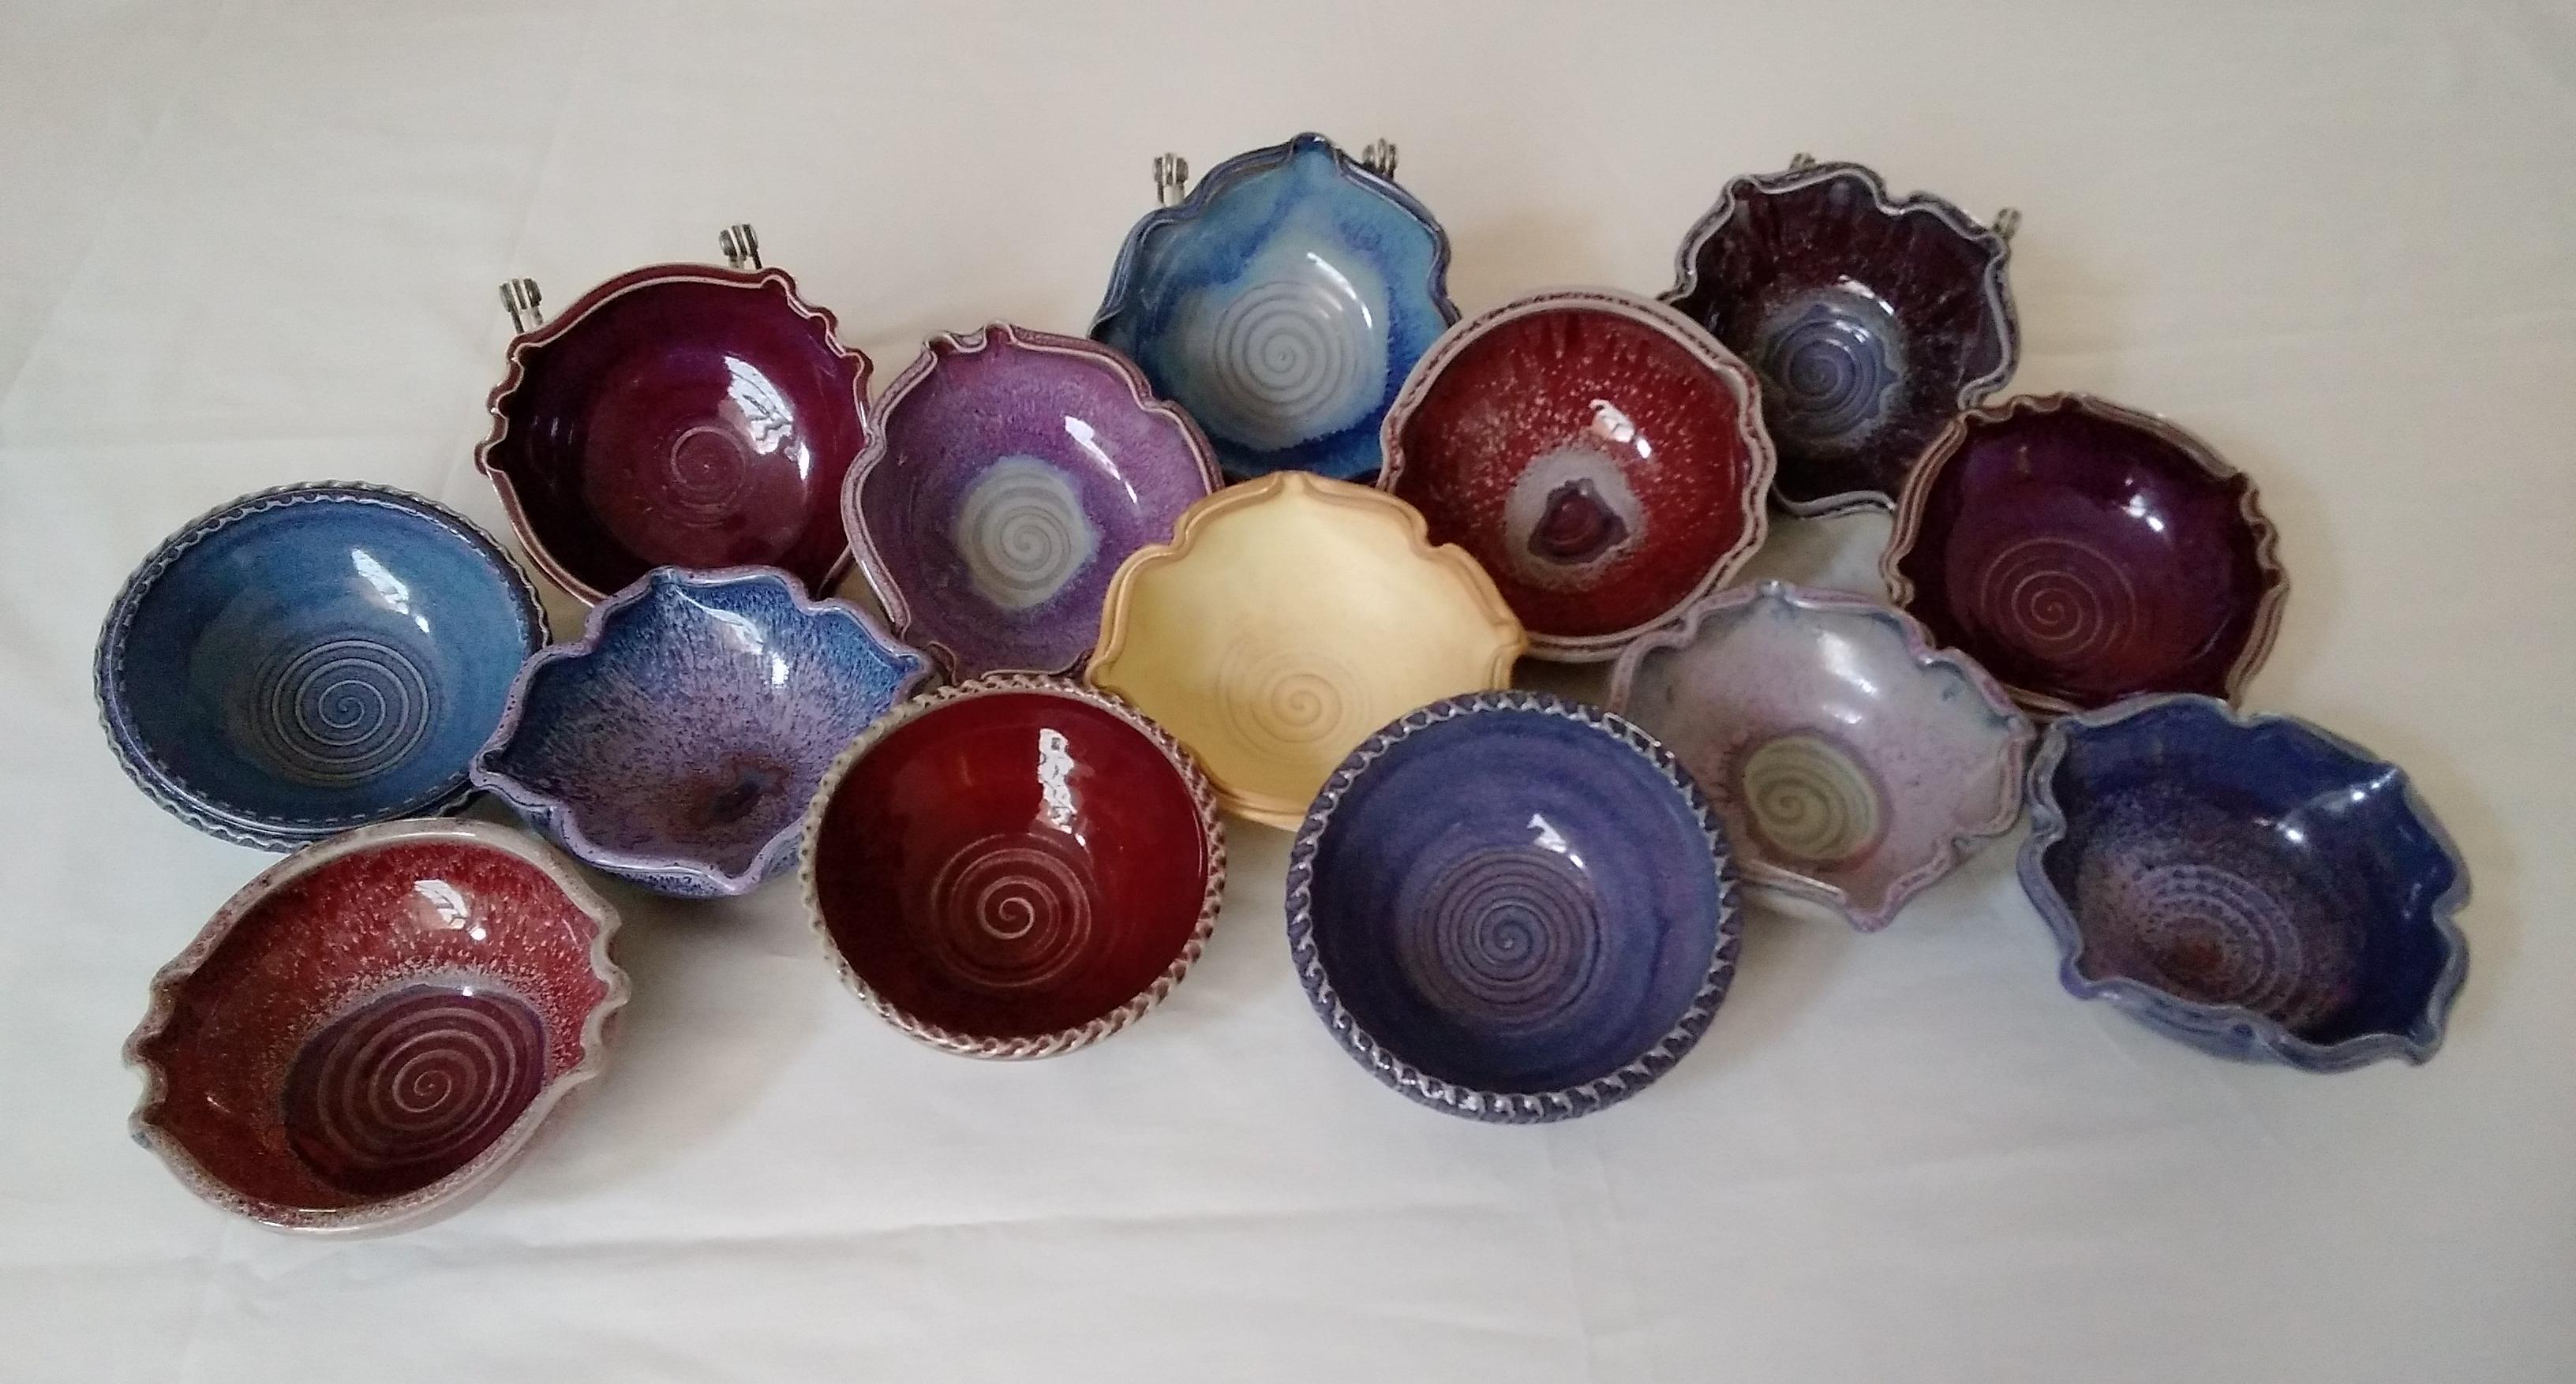 https://0901.nccdn.net/4_2/000/000/00d/f43/bowls7.jpg